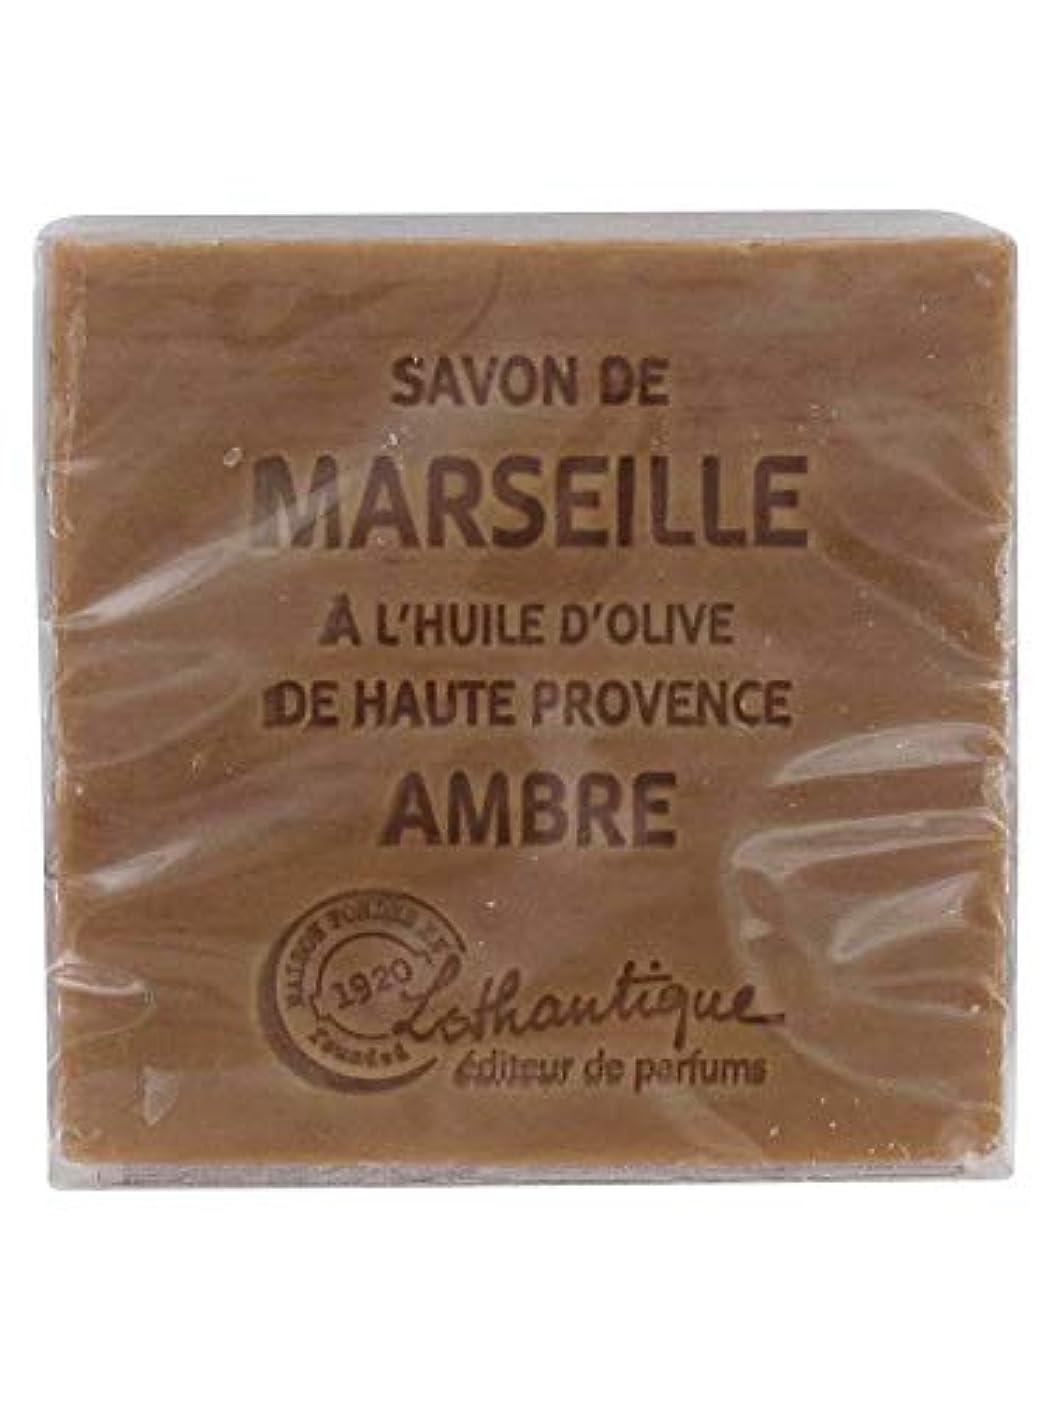 グリル子検出器Lothantique(ロタンティック) Les savons de Marseille(マルセイユソープ) マルセイユソープ 100g 「アンバー」 3420070038012